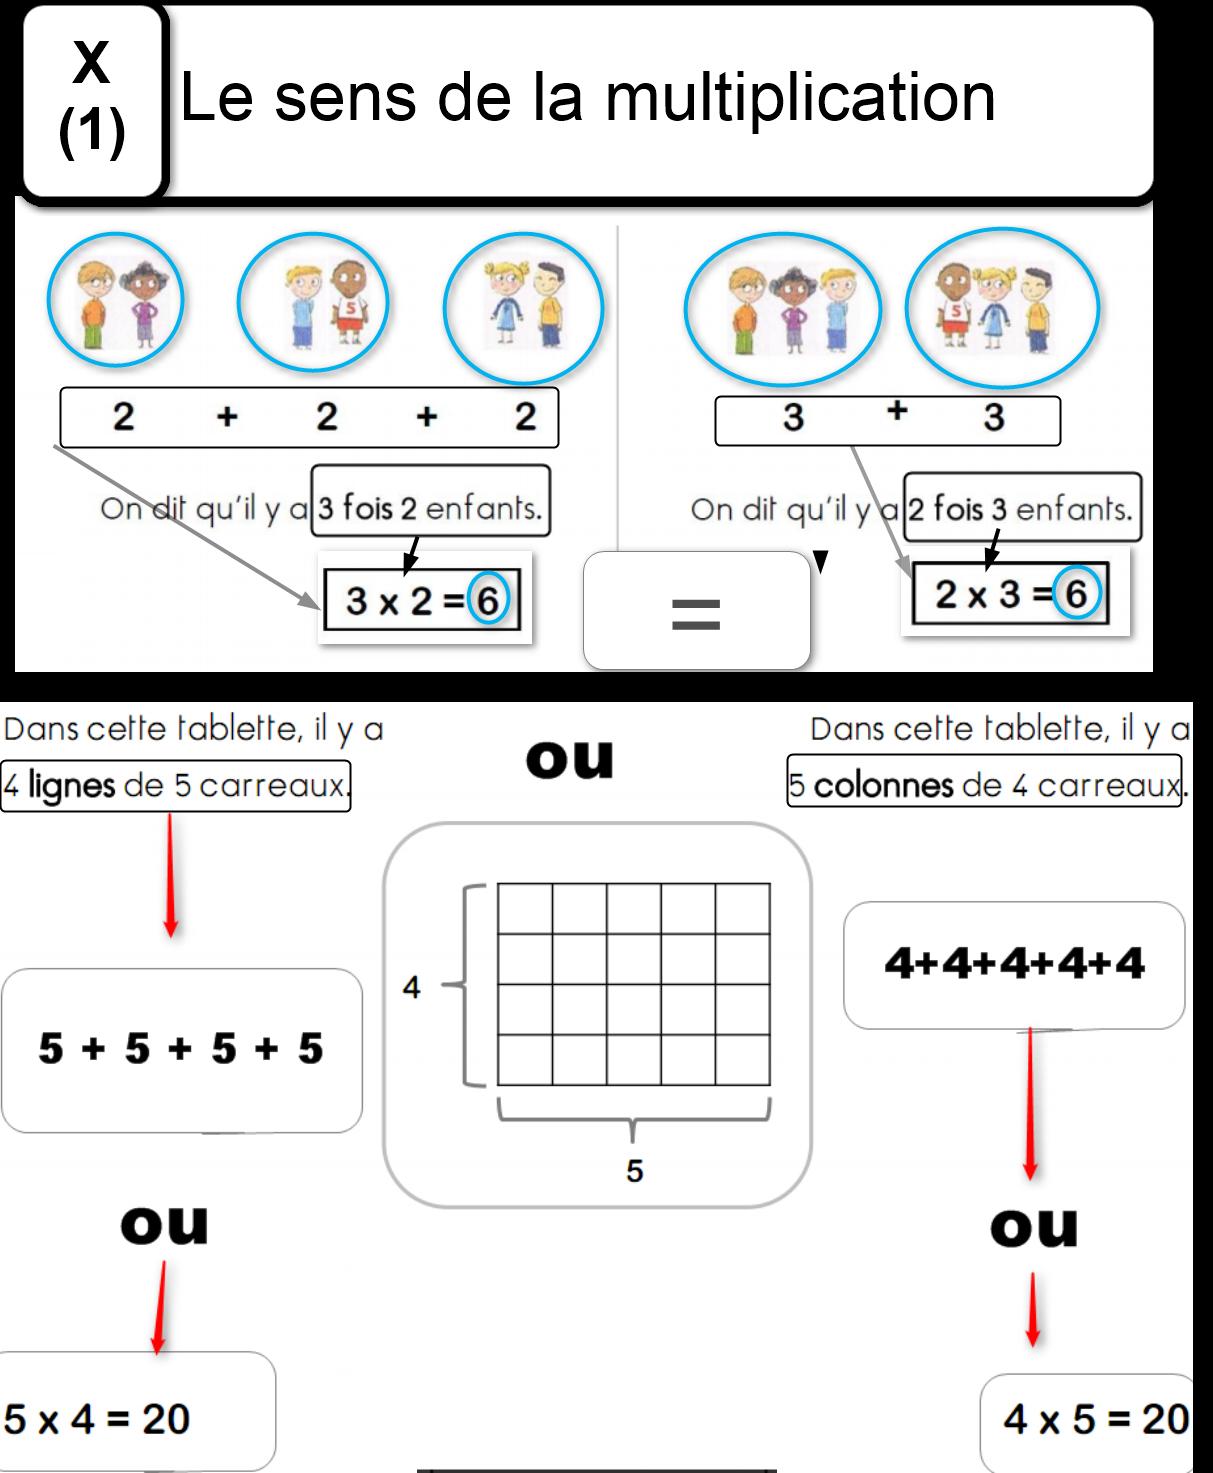 Épinglé par Sujatha Makesvaran sur Mathématiques ...